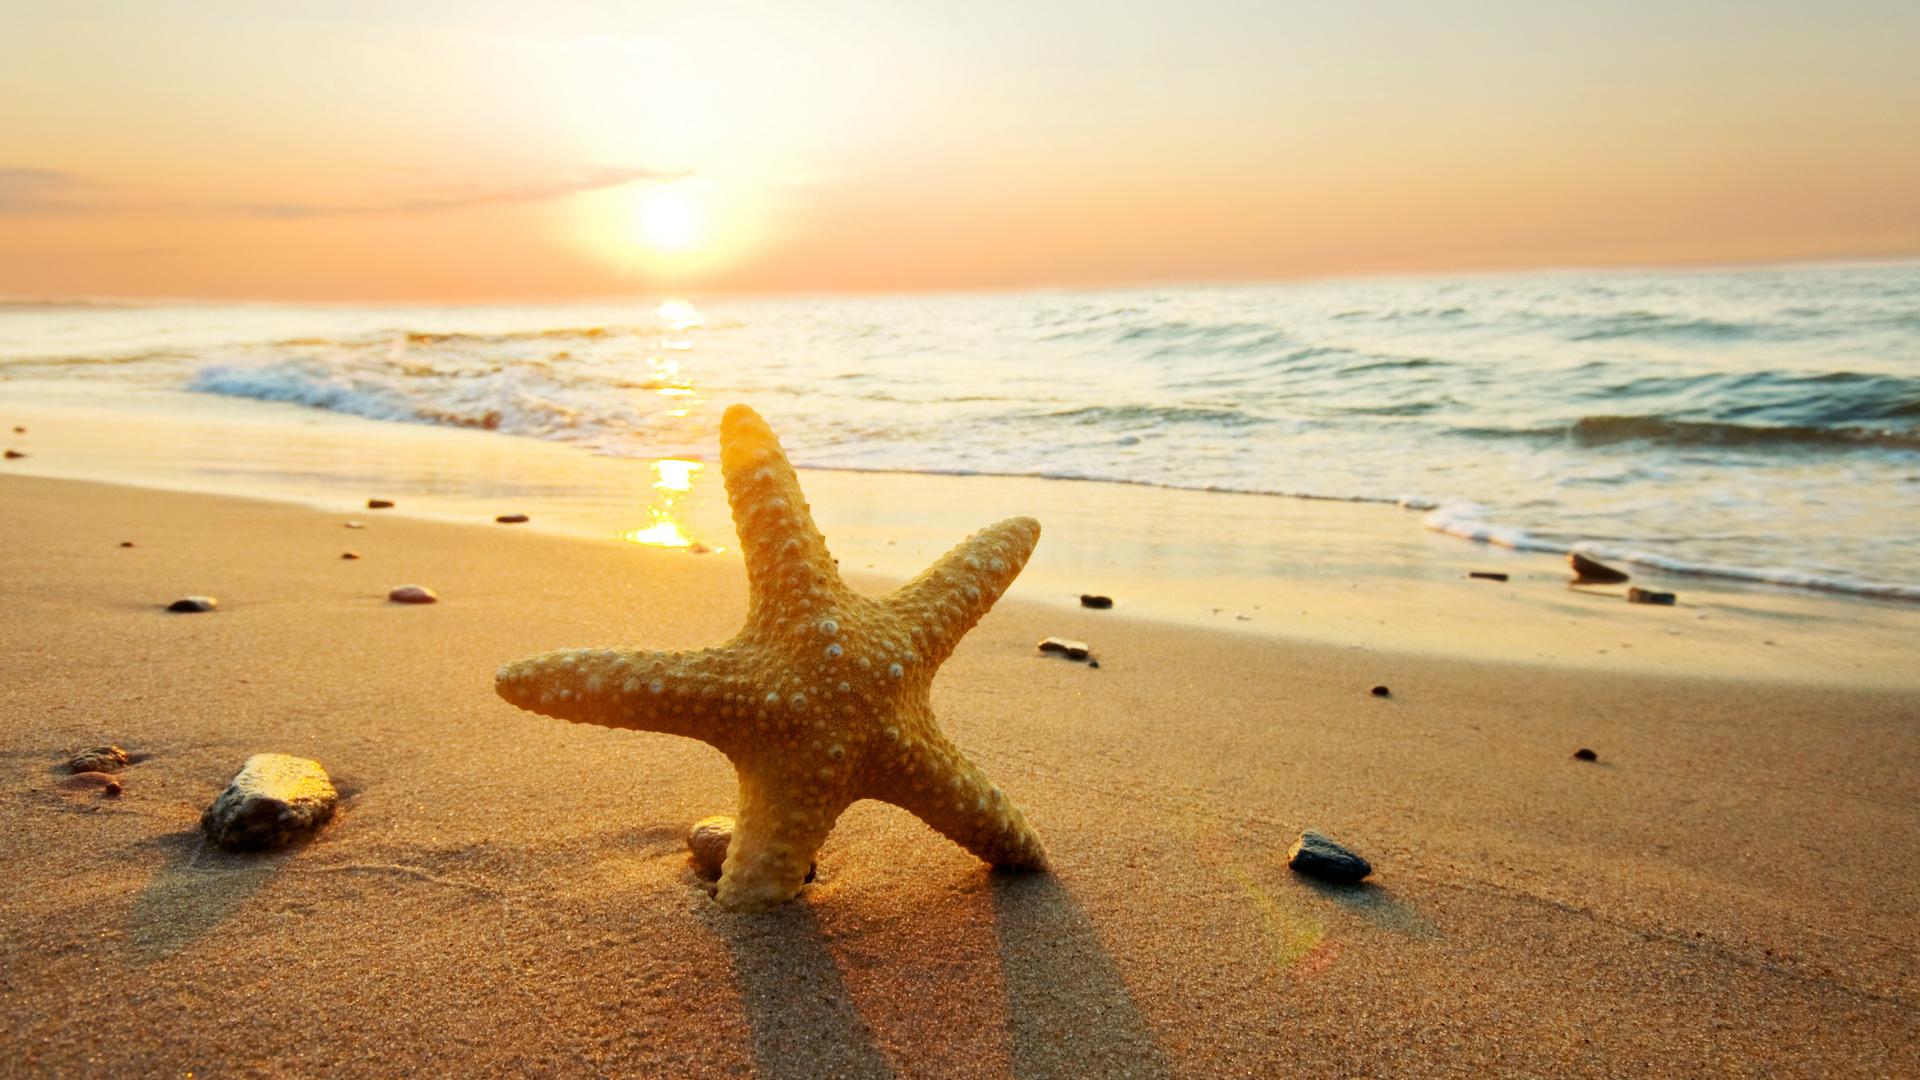 море звезда морская